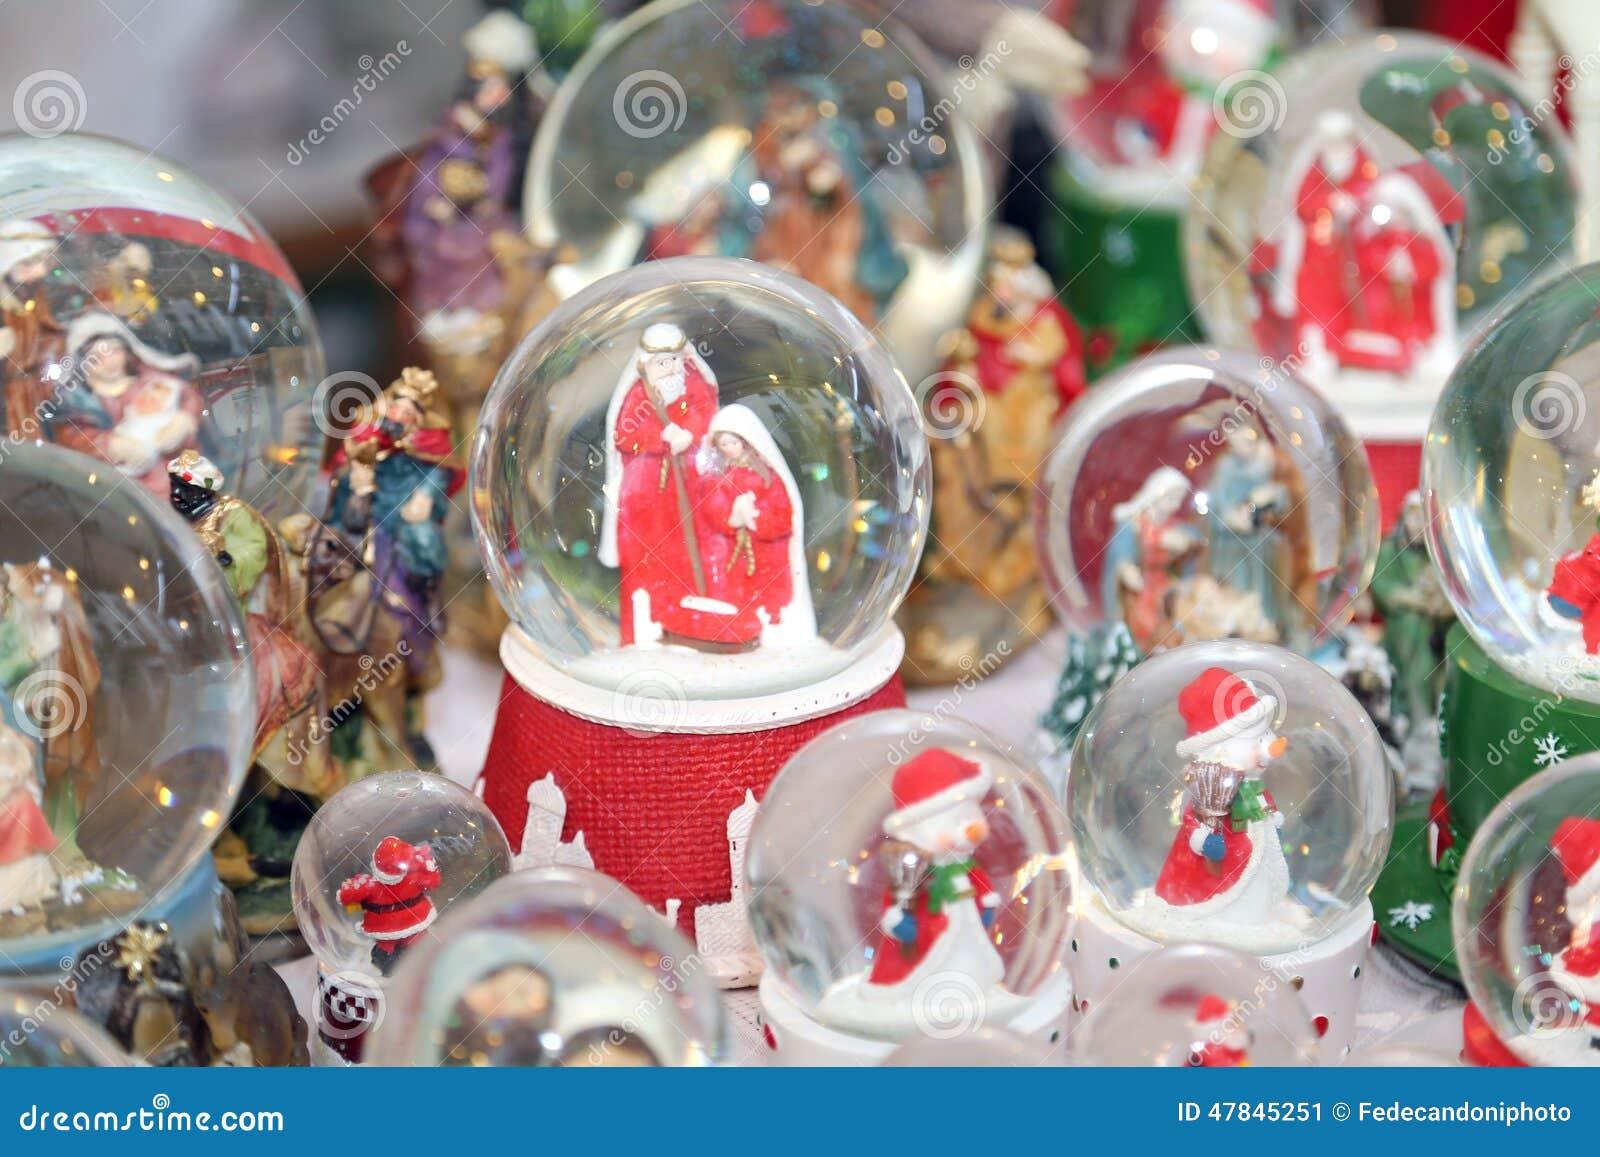 Foto Dentro Palline Di Natale.Palle Di Natale Con Acqua Dentro E La Scena Di Nativita